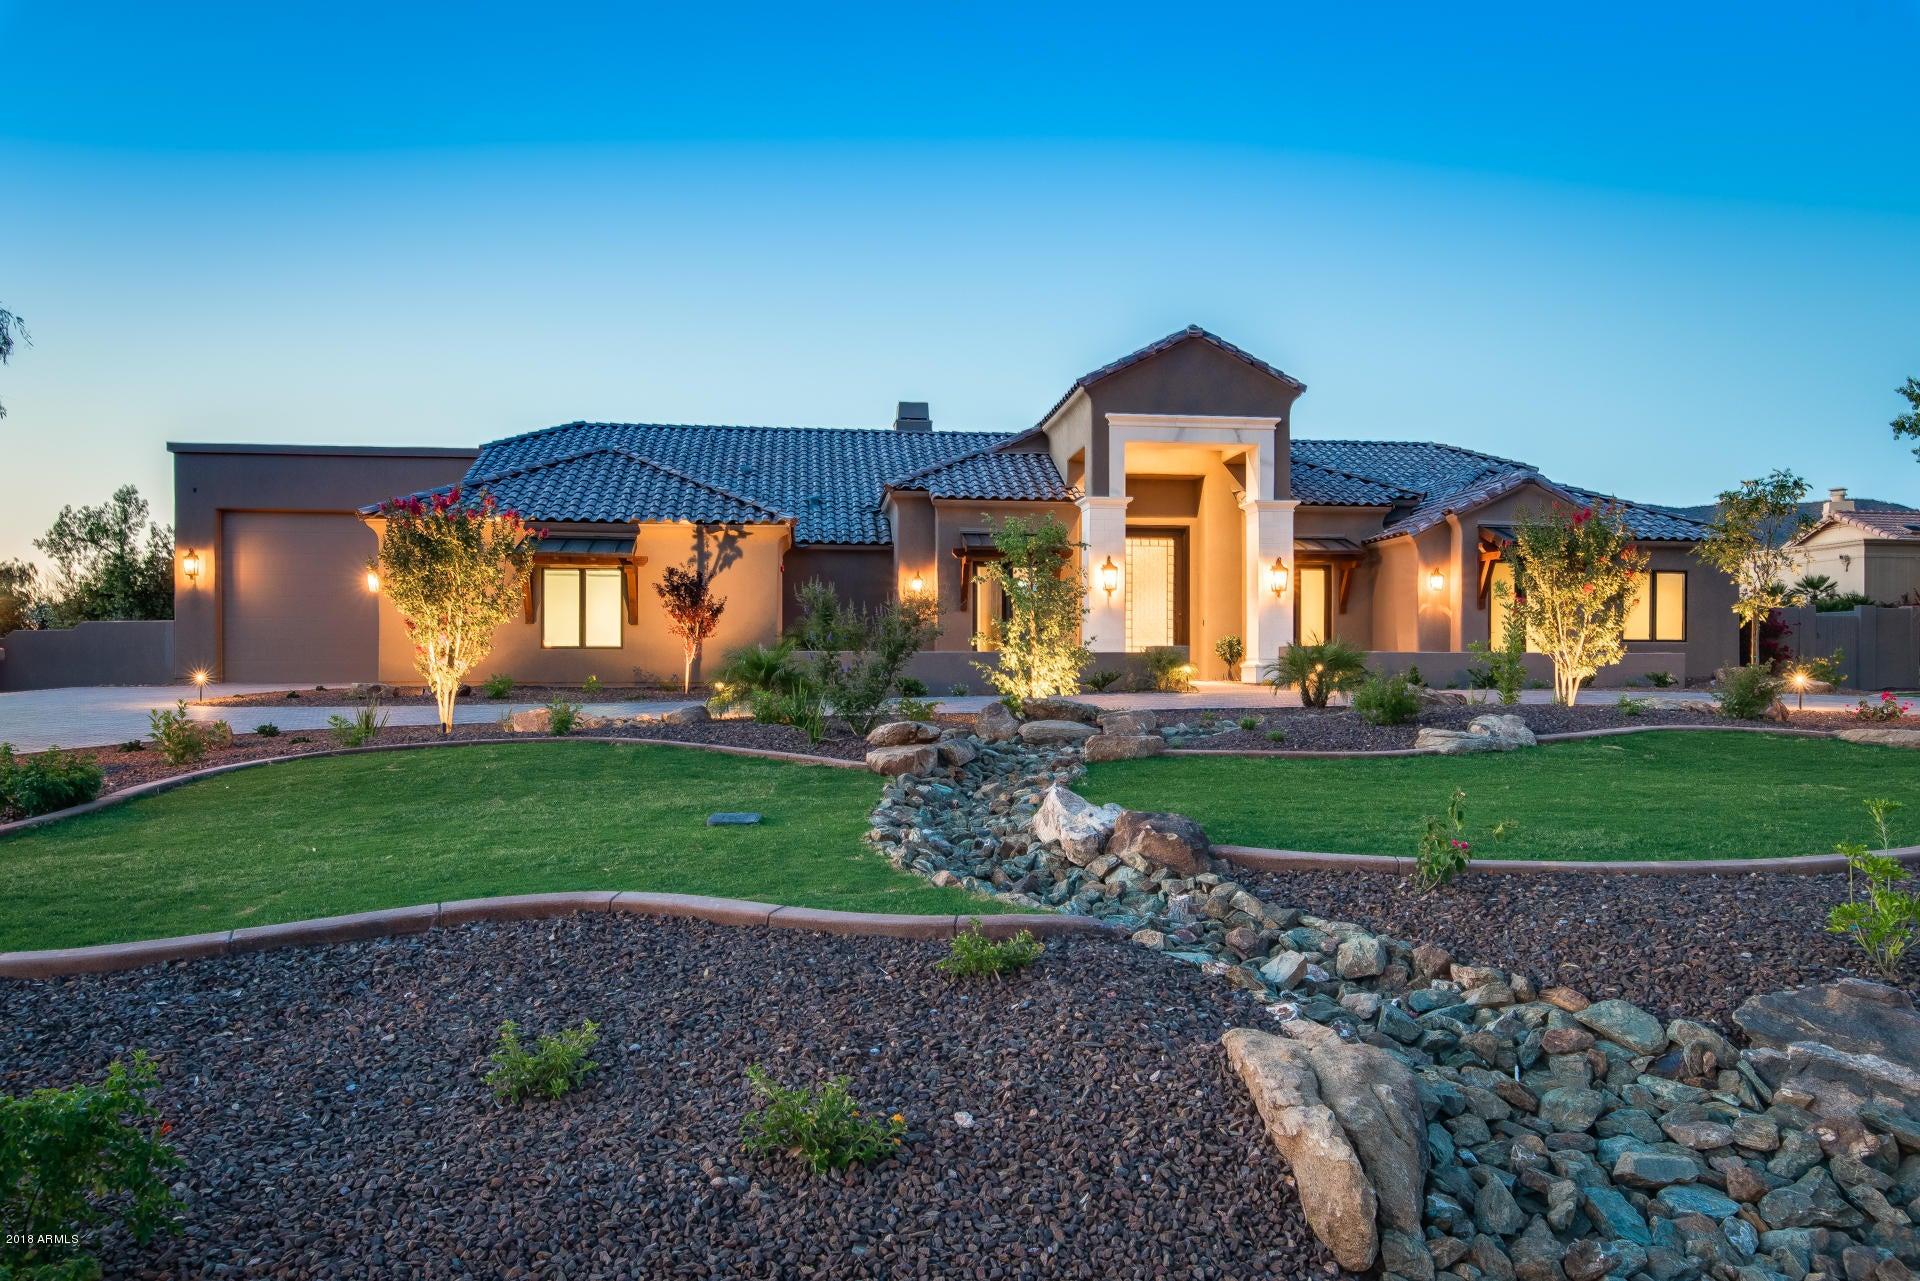 MLS 5768383 10728 E CHOLLA Lane, Scottsdale, AZ 85259 85259